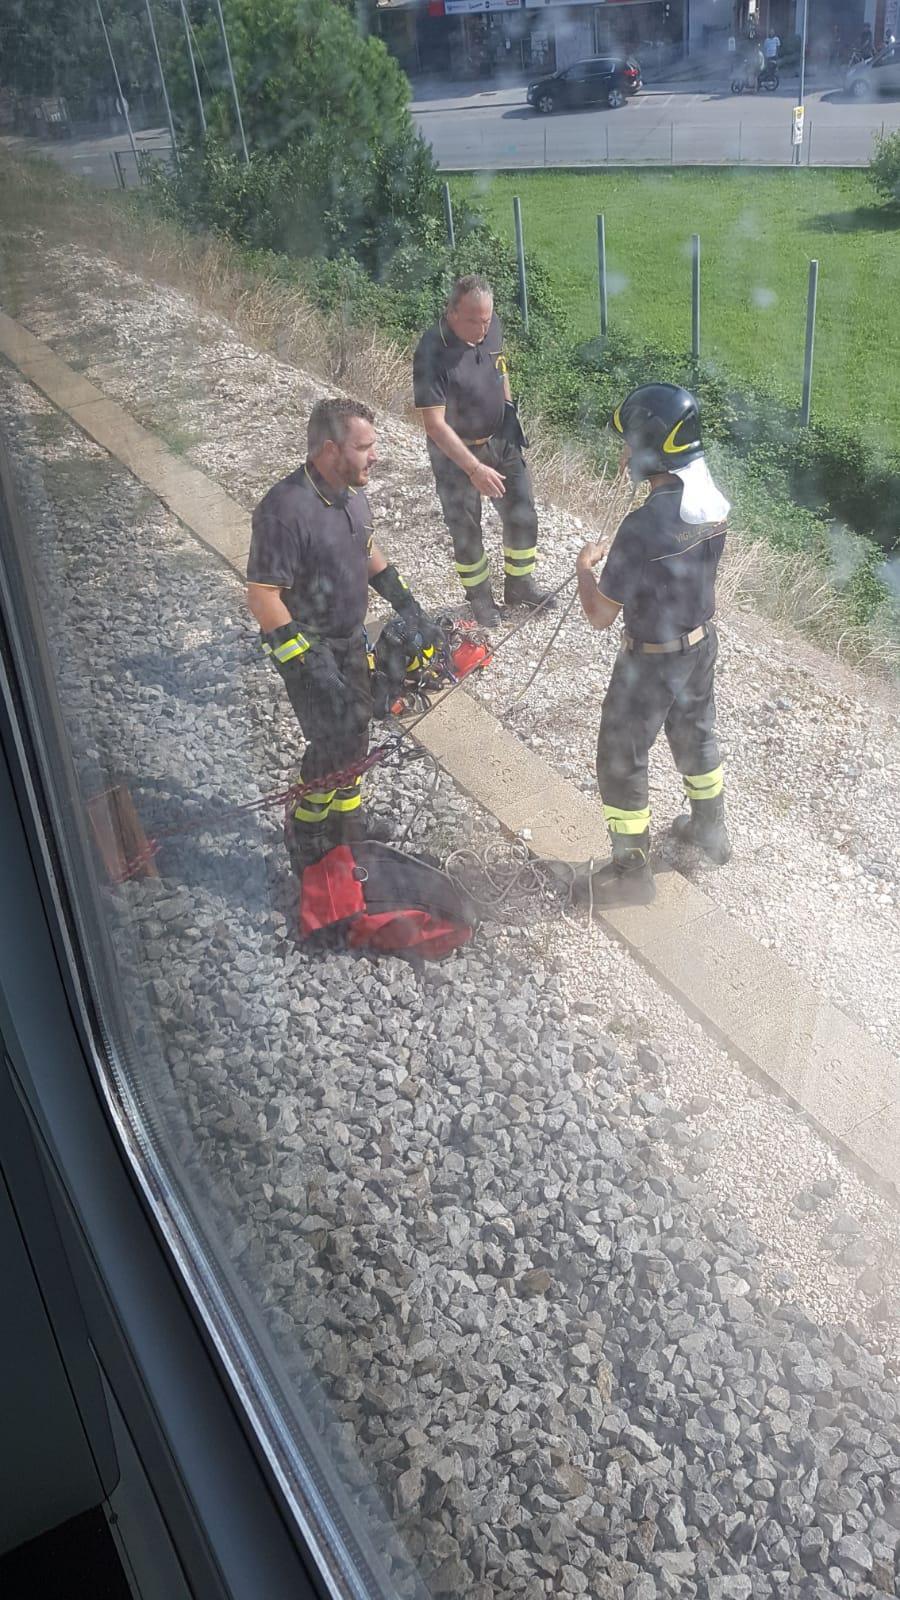 Investimento mortale in stazione a Cattolica, giornata nera per la ... 7d44885af8